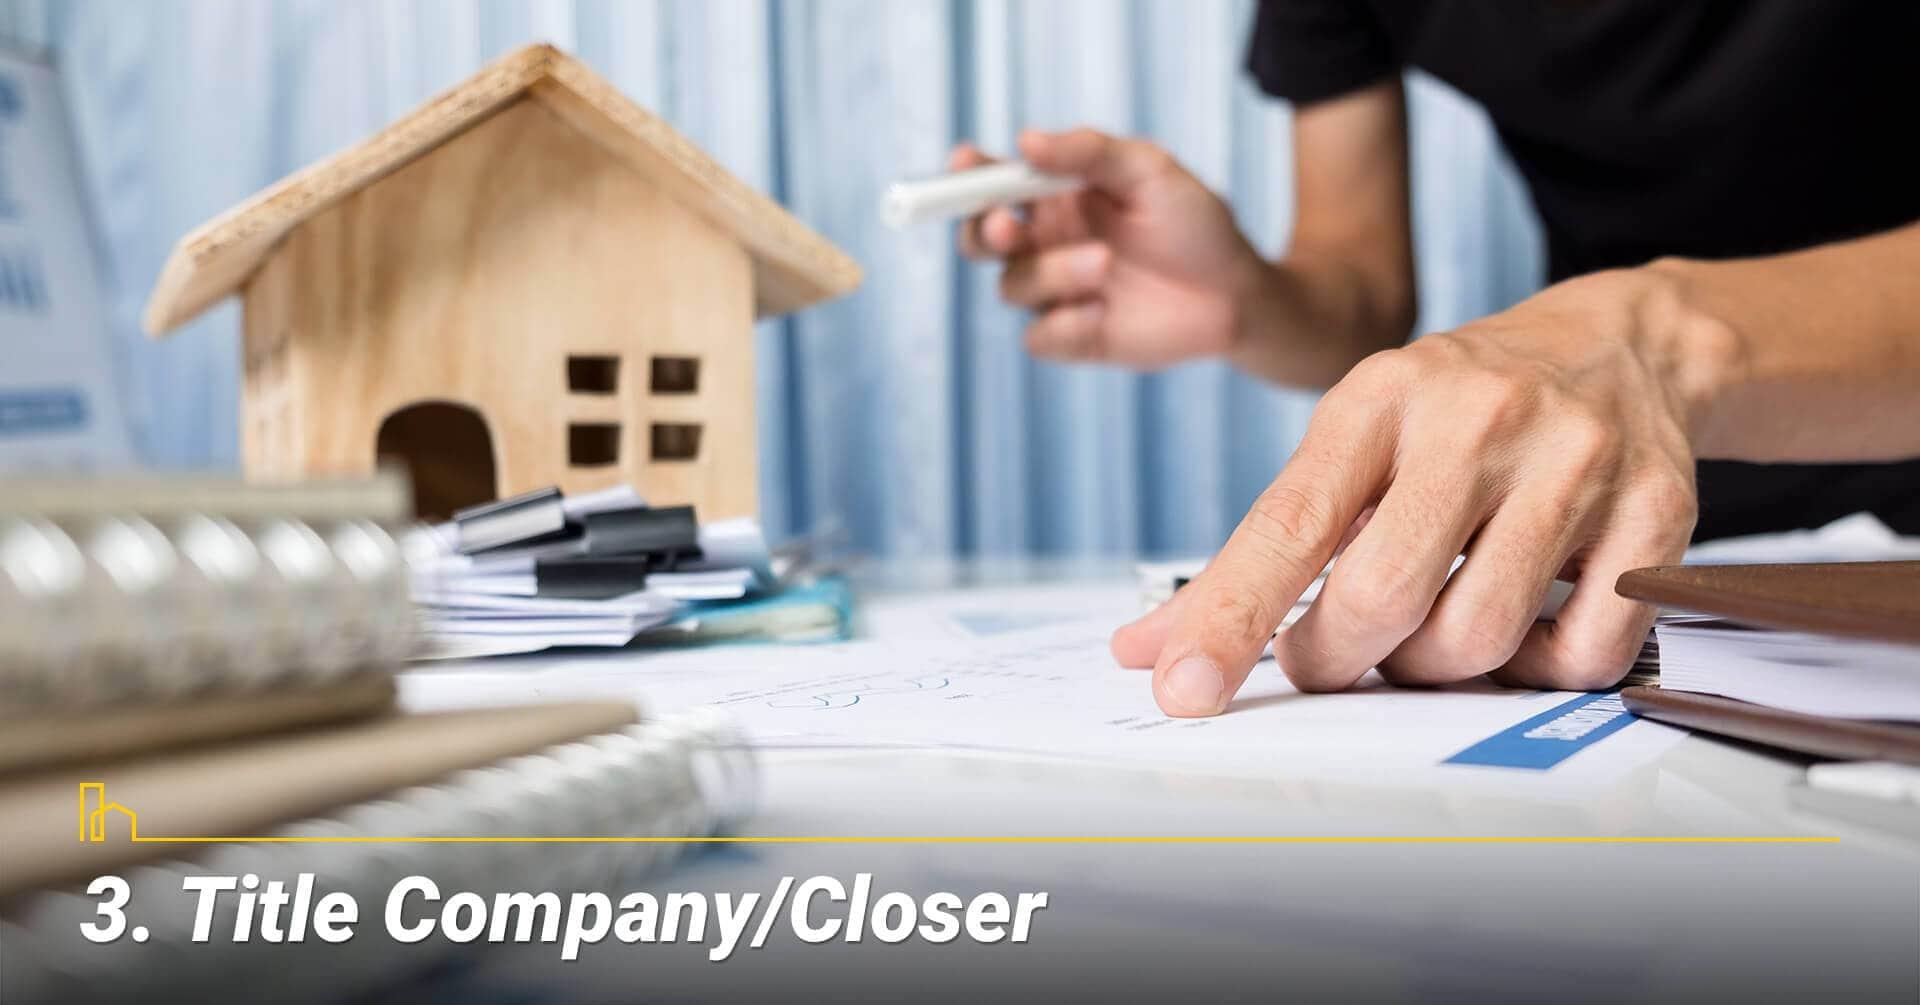 Title Company/Closer